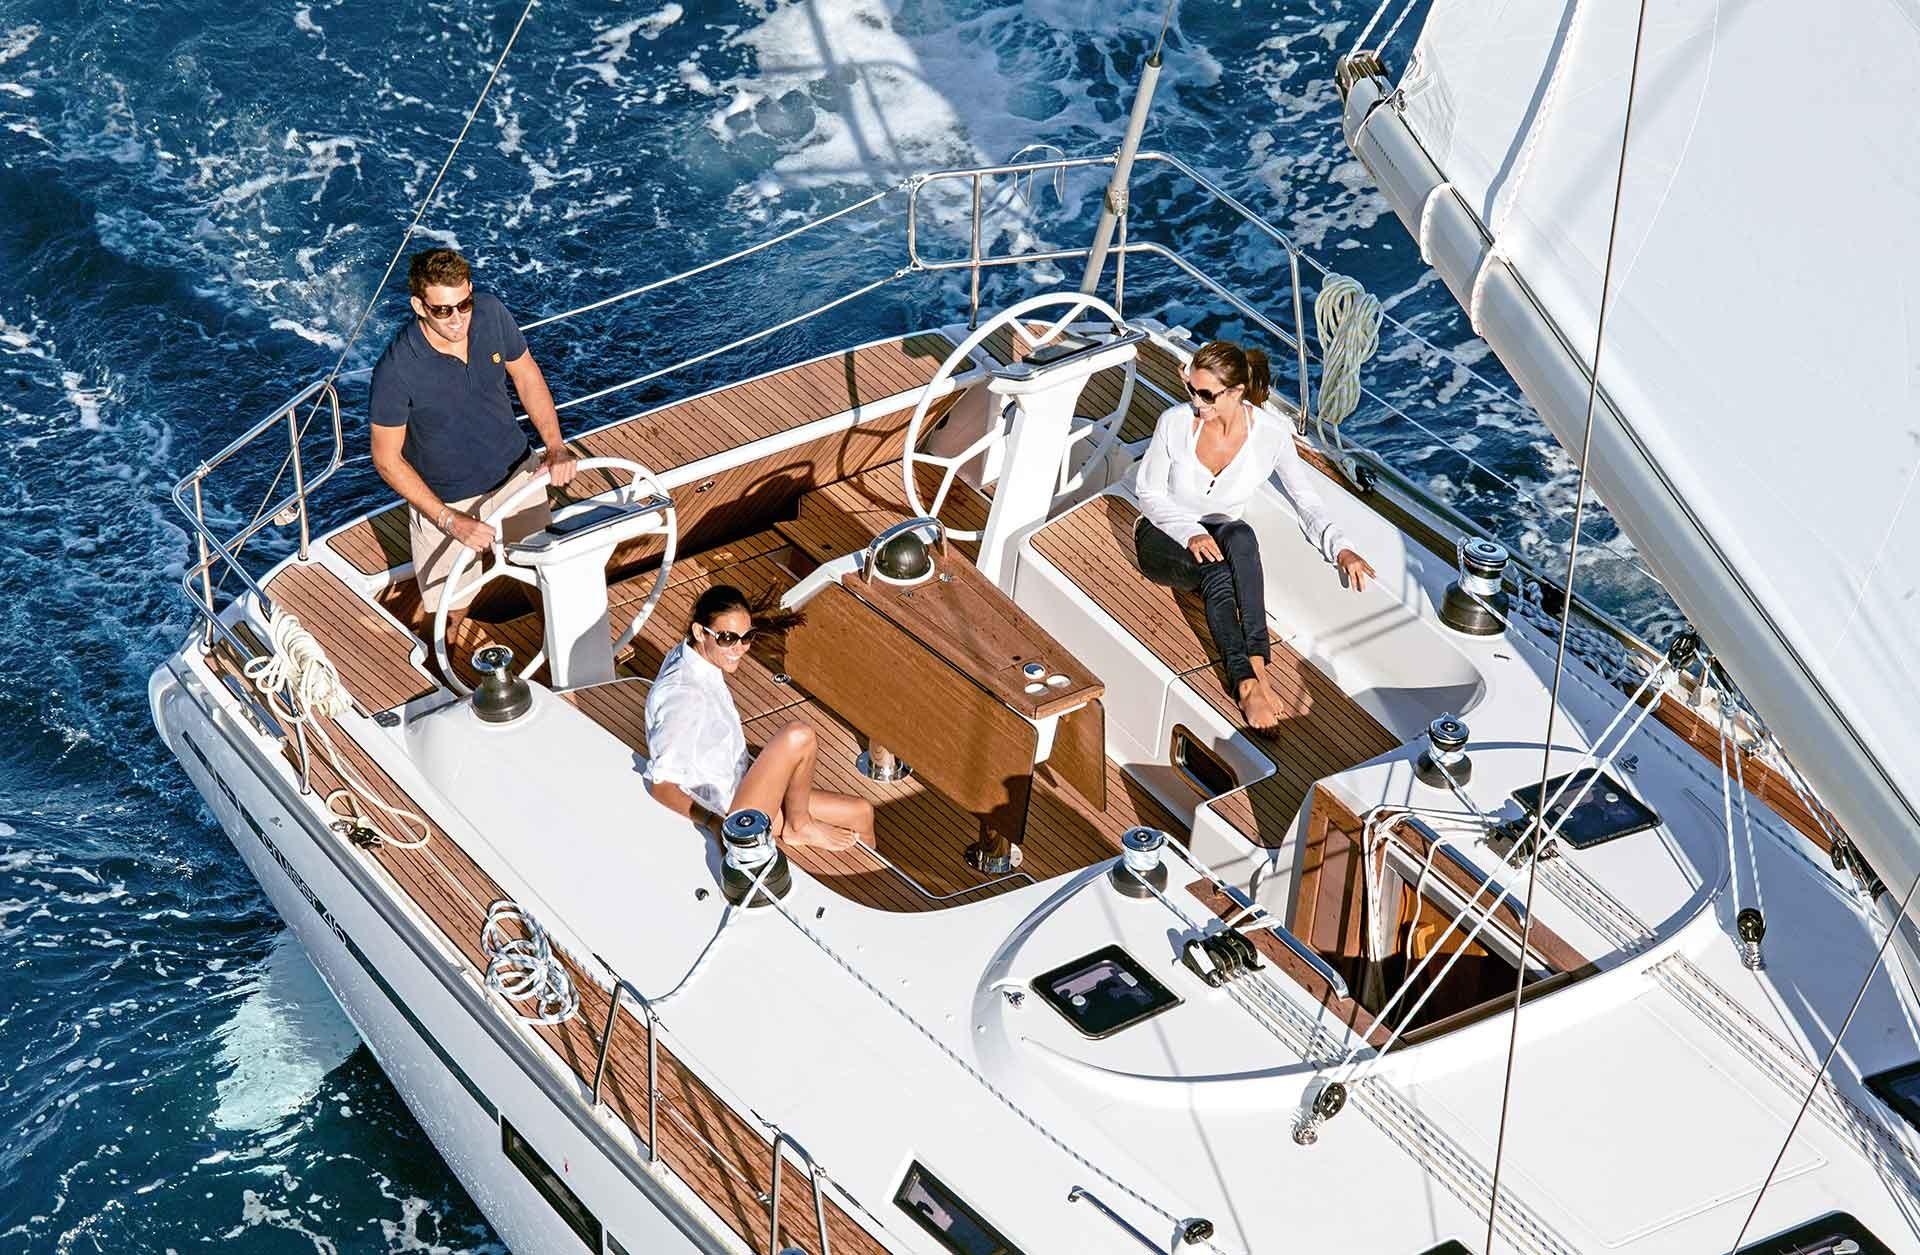 Ветроходните яхти предлагат много пространство и възможности за плаване под платна, което е едно неповторимо усещане. Също така цената на наем на ветроходна яхта за ден е по-нисък, сравнено с моторна яхта.